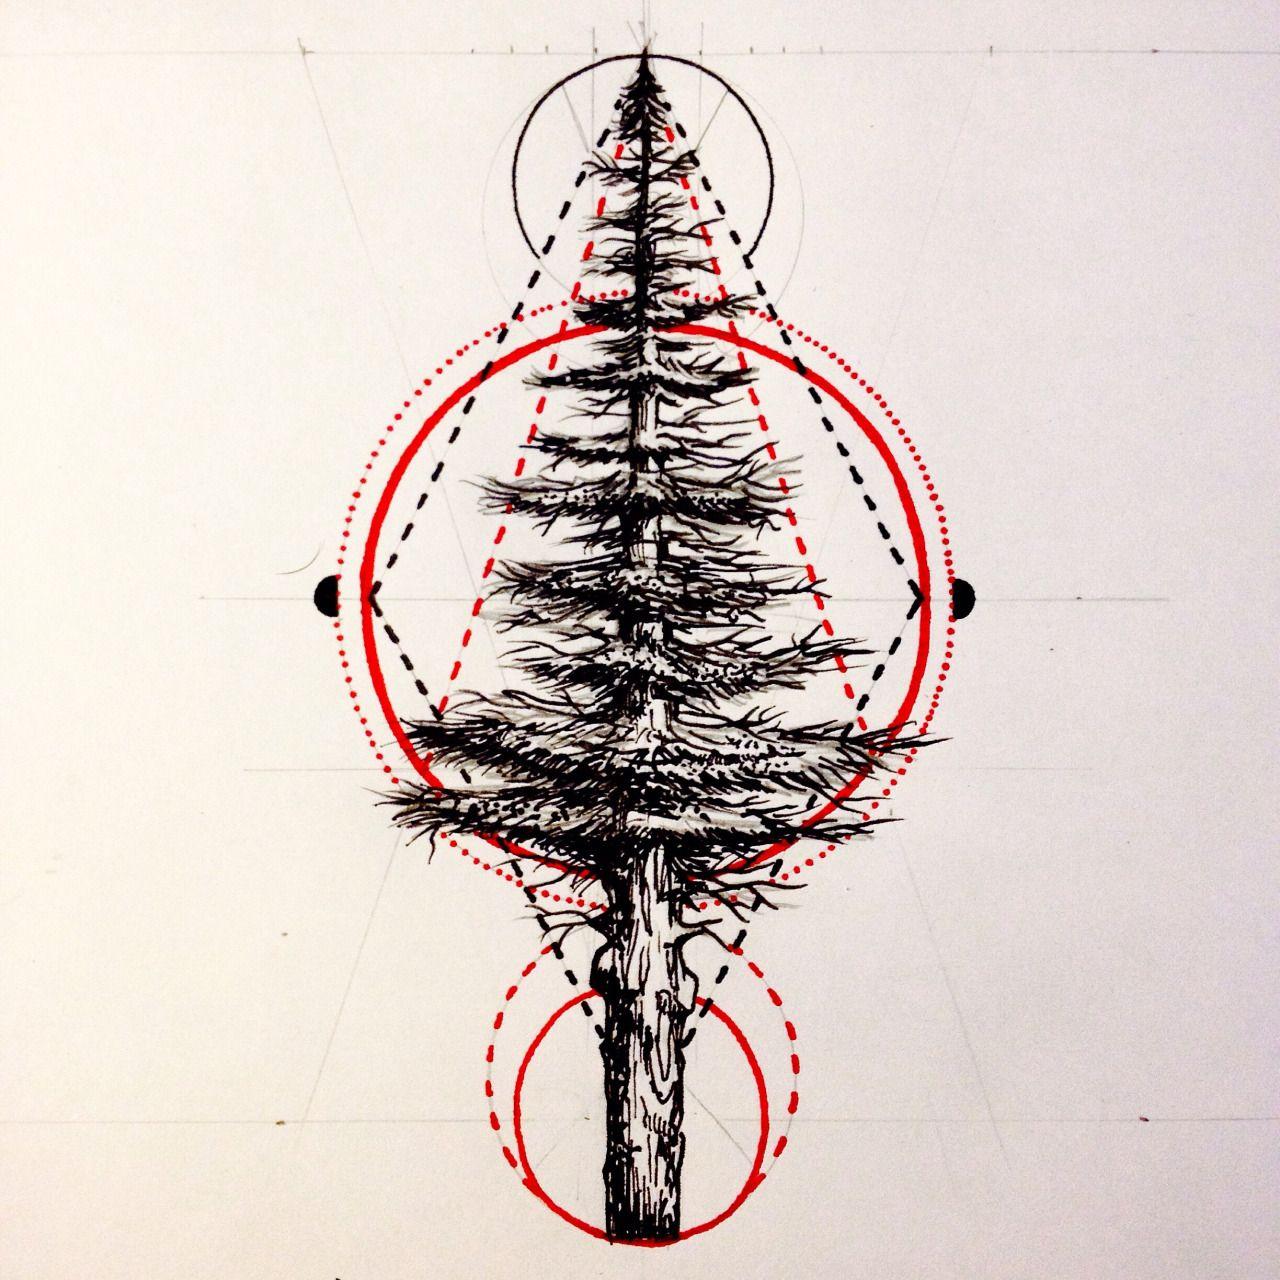 Minimalist Pine Tree: Minimalist Tree Tattoo - Google Search